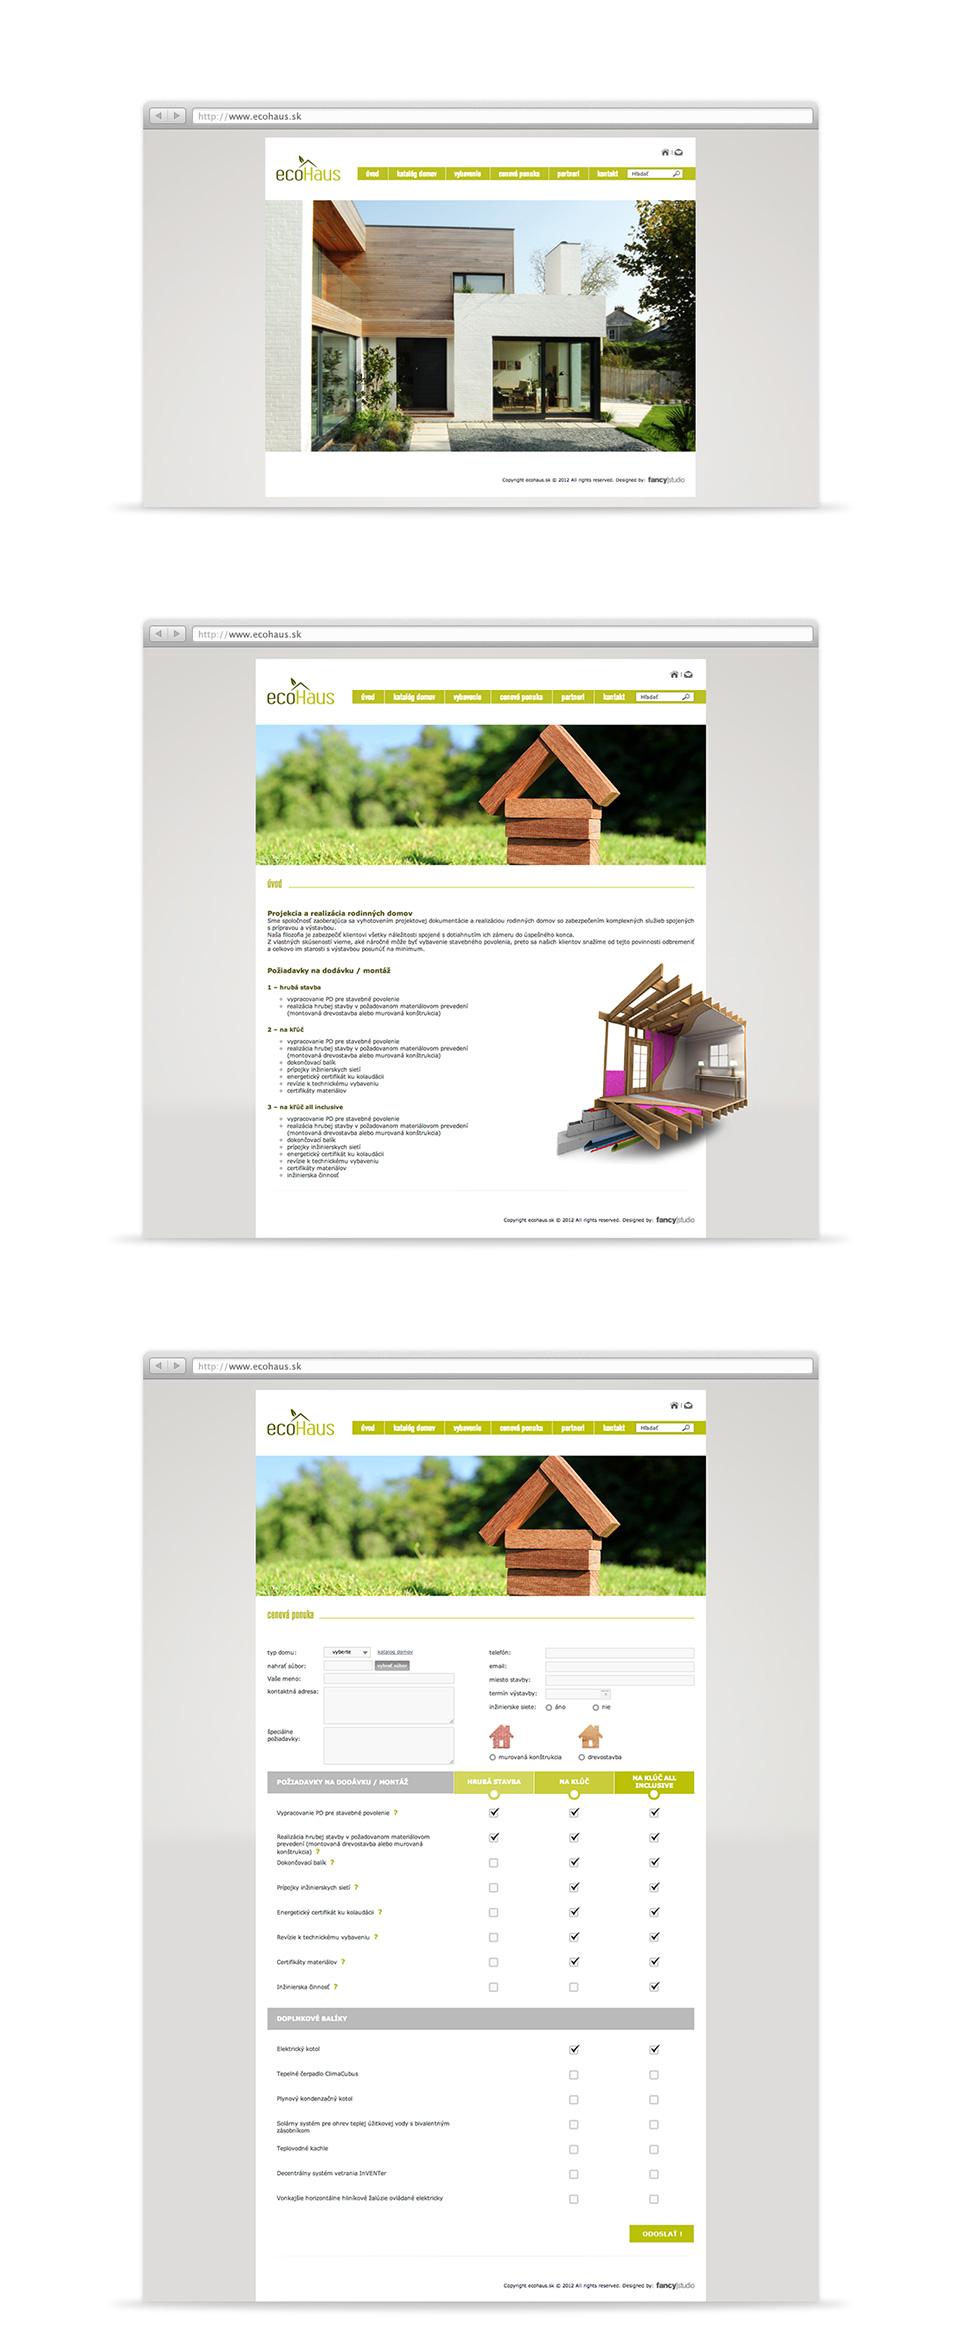 ecohaus -  web page